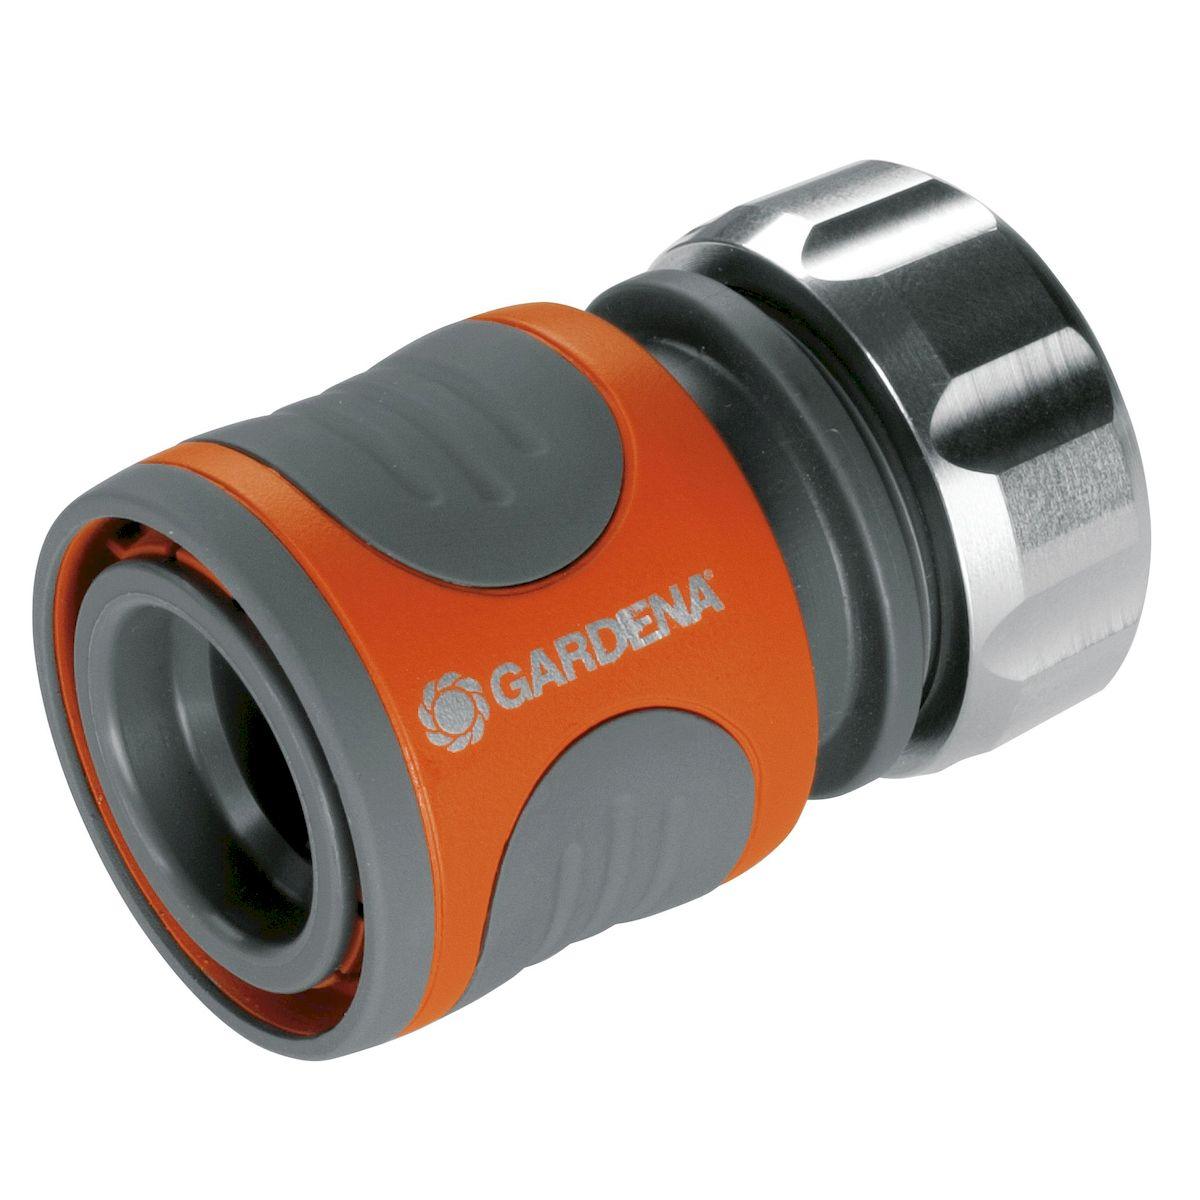 Коннектор Gardena Premium, 1/208166-20.000.00Высококачественный коннектор Gardena Premium отличается современным исполнением, удовлетворяющим требования самого взыскательного пользователя, и обеспечивает быстрое и удобное соединение. Коннектор легко снимается, если его потянуть на себя. Поверхность из мягкого рифленого пластика коннектора позволяет удобно и крепко удерживать инструмент в руке. Коннектор снабжен резиновым кольцом, обеспечивающим защиту от повреждений. Прочная зажимная гайка из высококачественного металла обеспечивает более надежное соединение шлангов. Коннектор предназначен для шлангов диаметром 13 мм (1/2 дюйма).